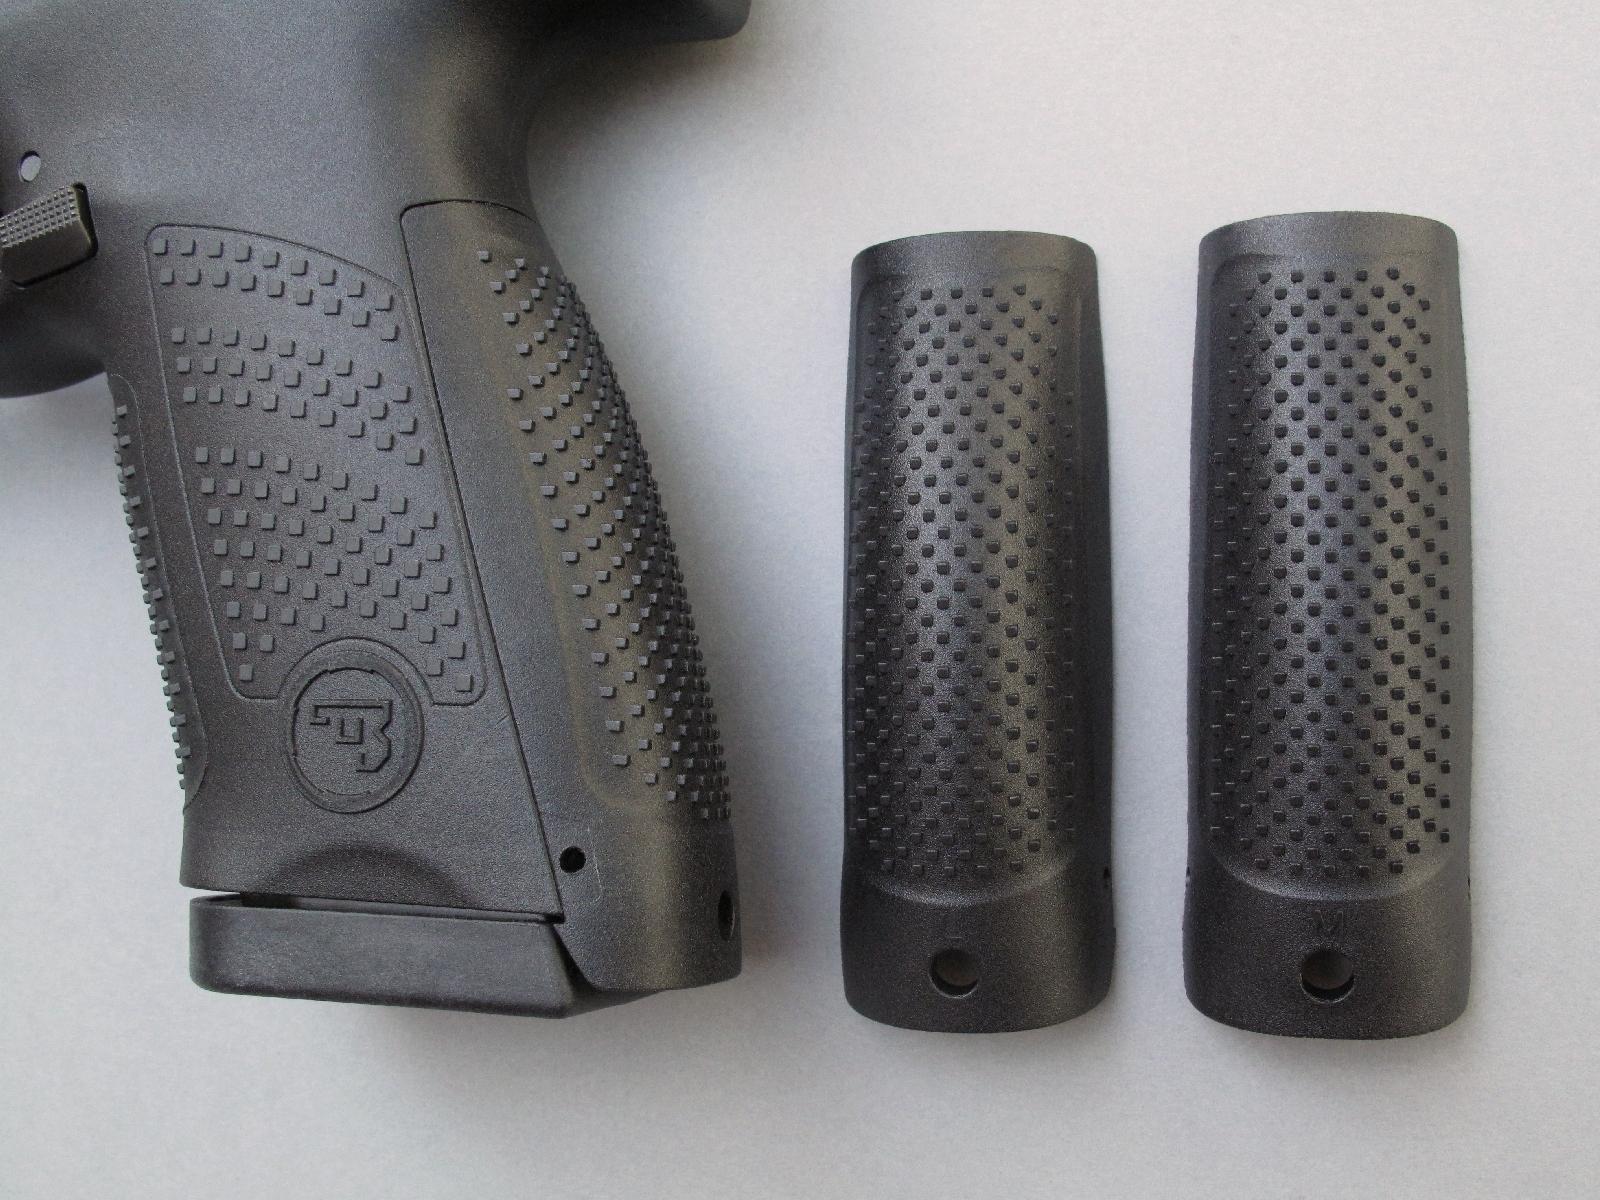 Sa poignée bénéficie d'une ergonomie modulable grâce au jeu de dos interchangeables fournis en trois tailles (Small, Medium et Large) avec chaque pistolet.